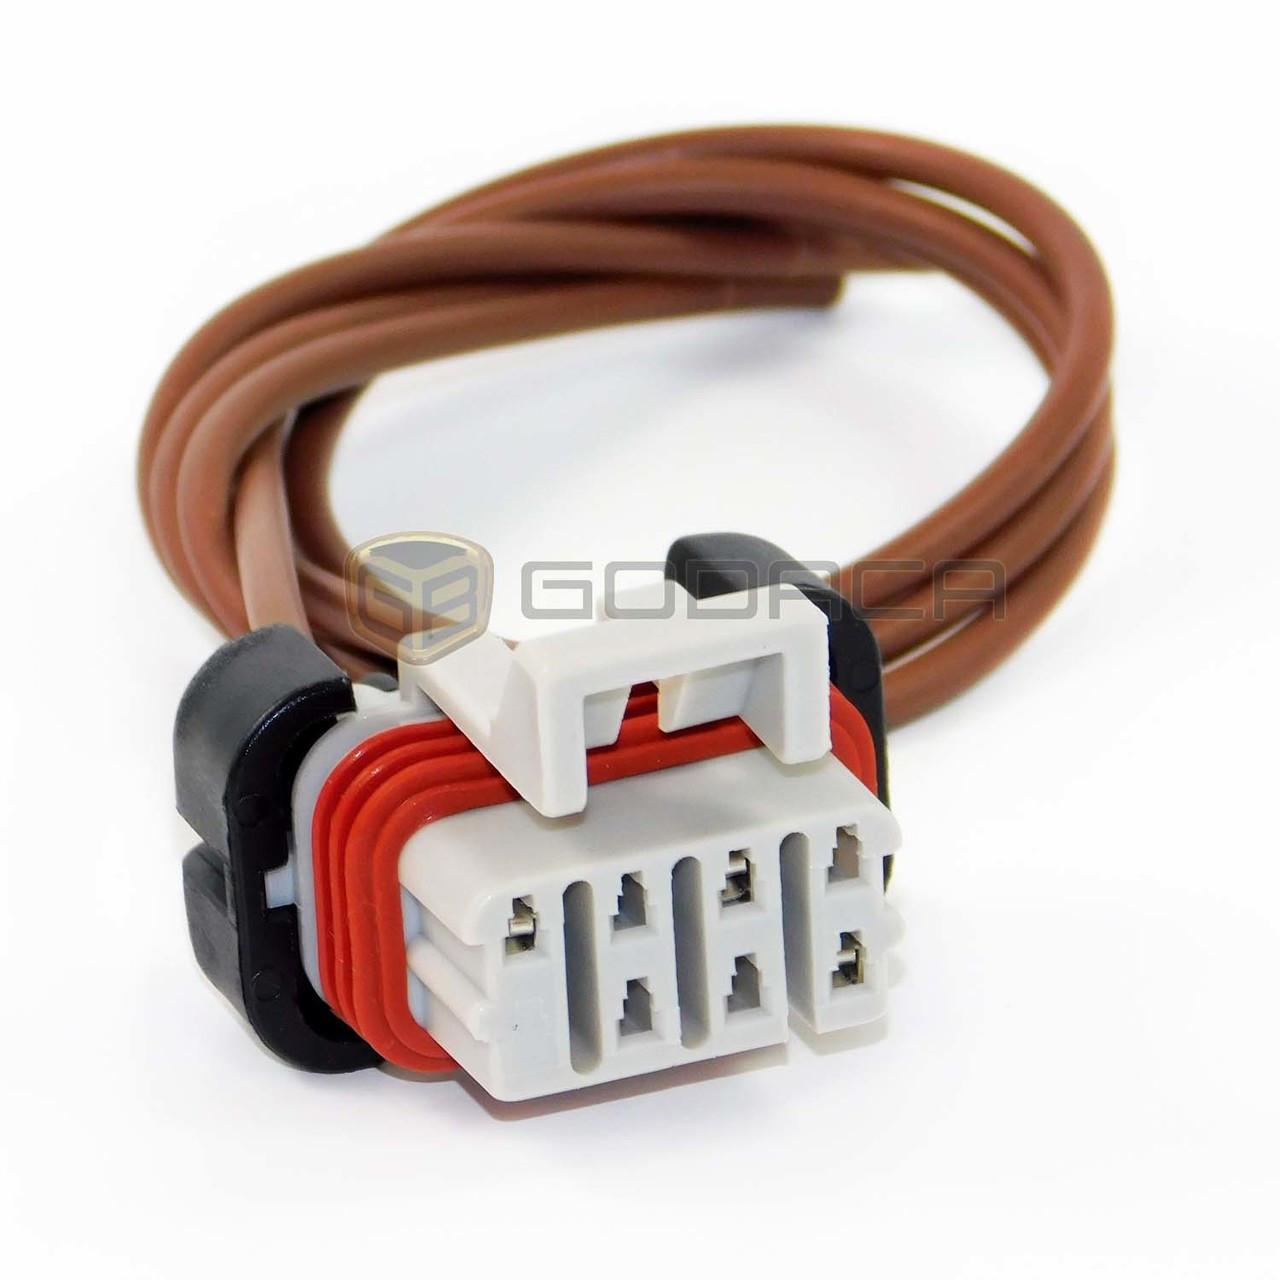 1x connector 7 way 3 wires for freightliner columbia headlight bulb godaca llc  [ 1280 x 1280 Pixel ]